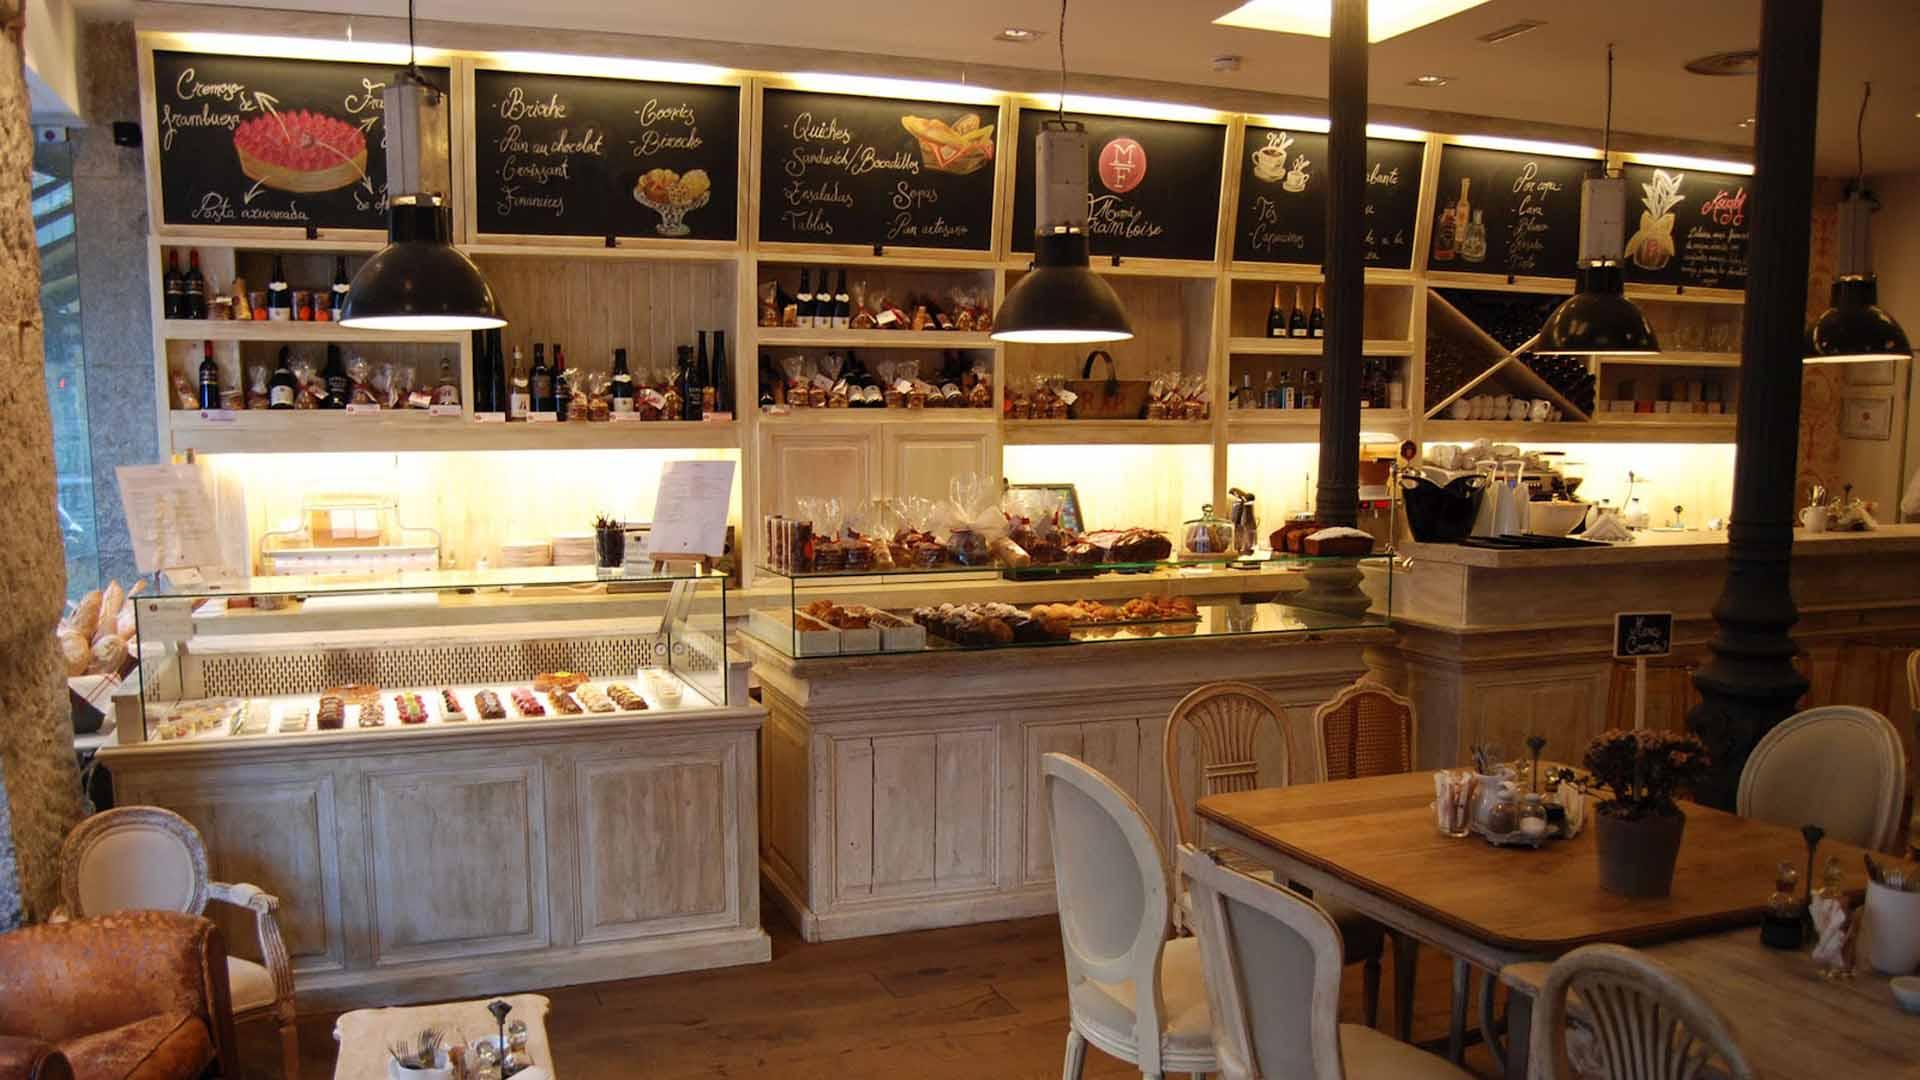 Renacer el romanticismo de la pastelería artesanal en la aprobación de los comensales fue el secreto para avanzar en una coyuntura laboral